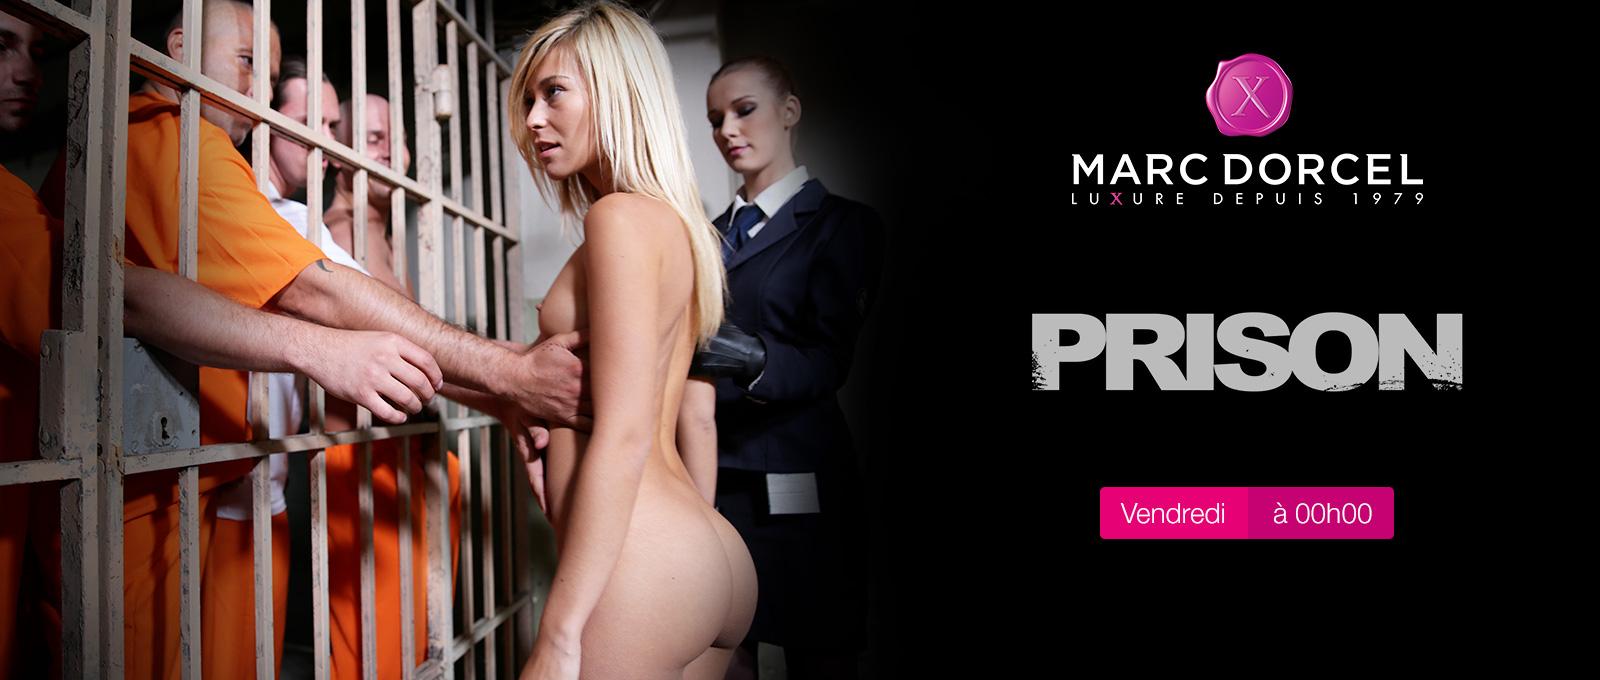 Телеканал марк дорсель тв смотреть онлайн, безумно красивая рыжая девушка порно онлайн видео